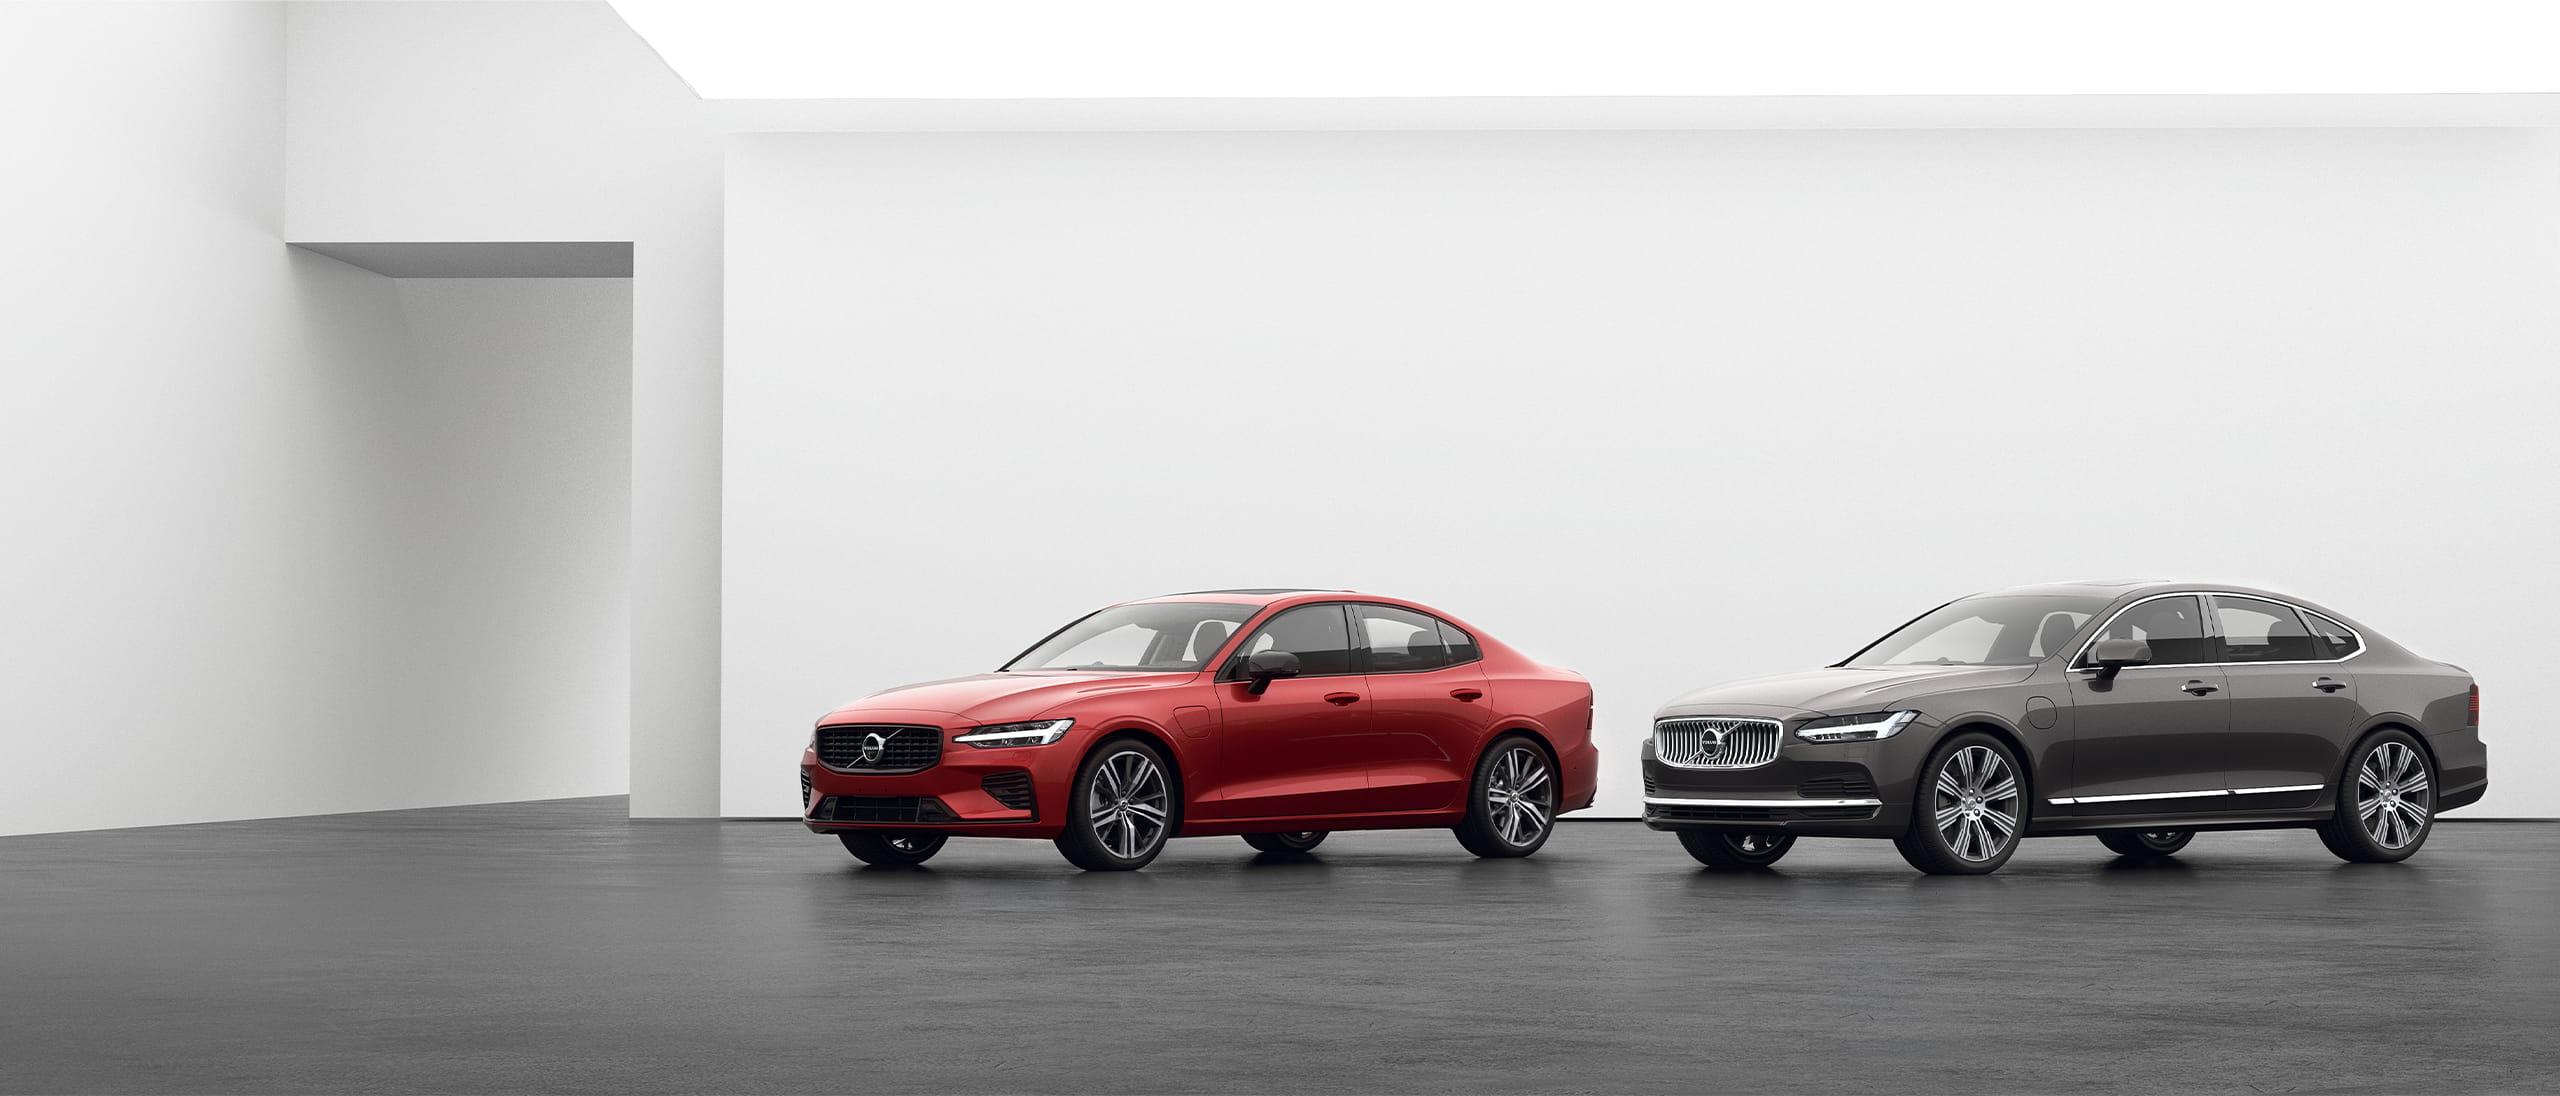 Una Volvo S90 e una Volvo S60 Recharge Plug-in Hybrid parcheggiate, su un pavimento grigio